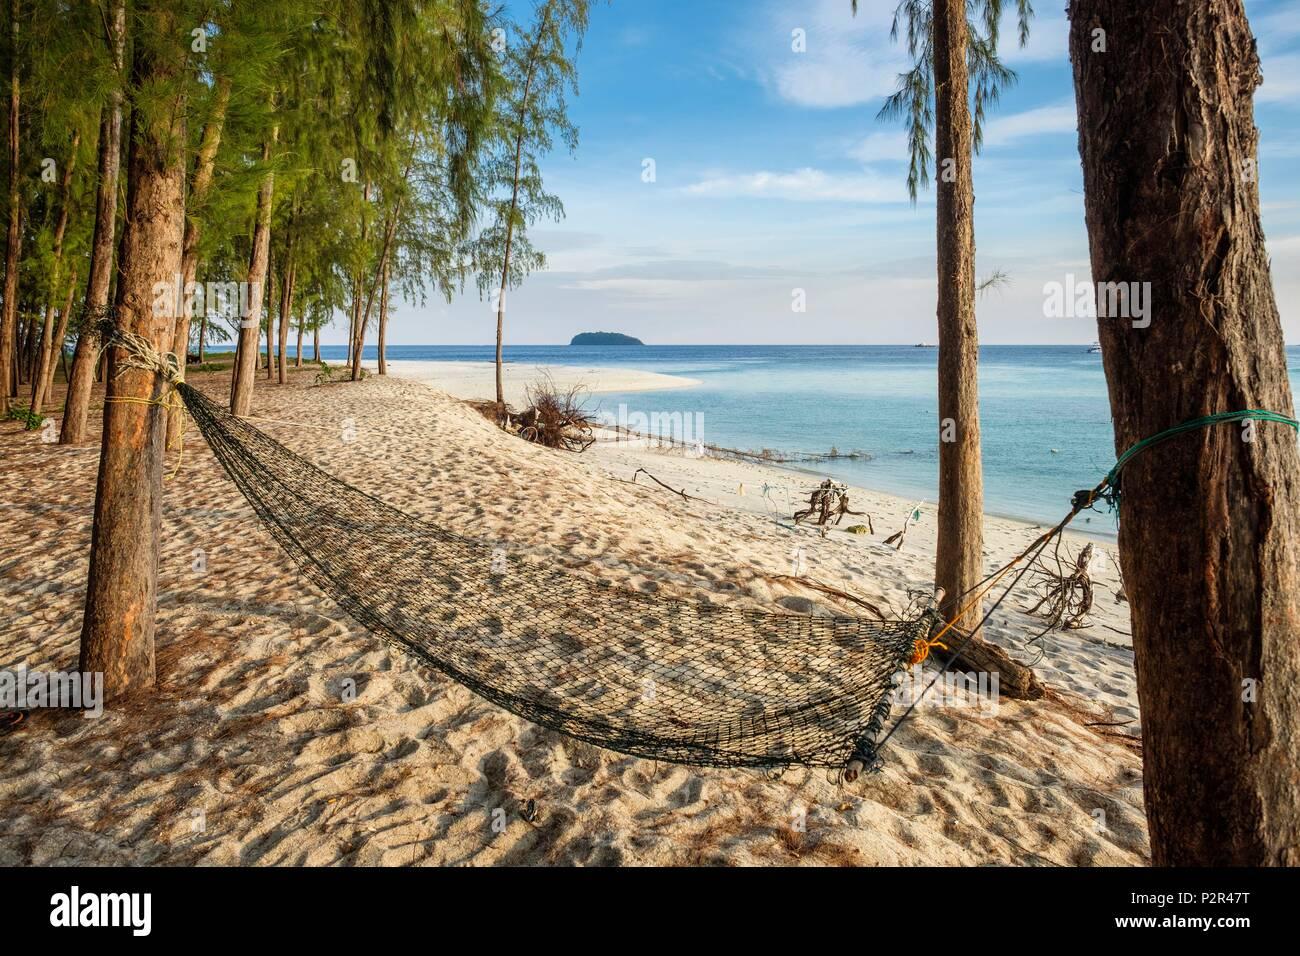 Thailandia, provincia di Satun, Tarutao National Marine Park, Ko Adang isola, Laem figlio spiaggia fiancheggiato da Casuarinas Immagini Stock